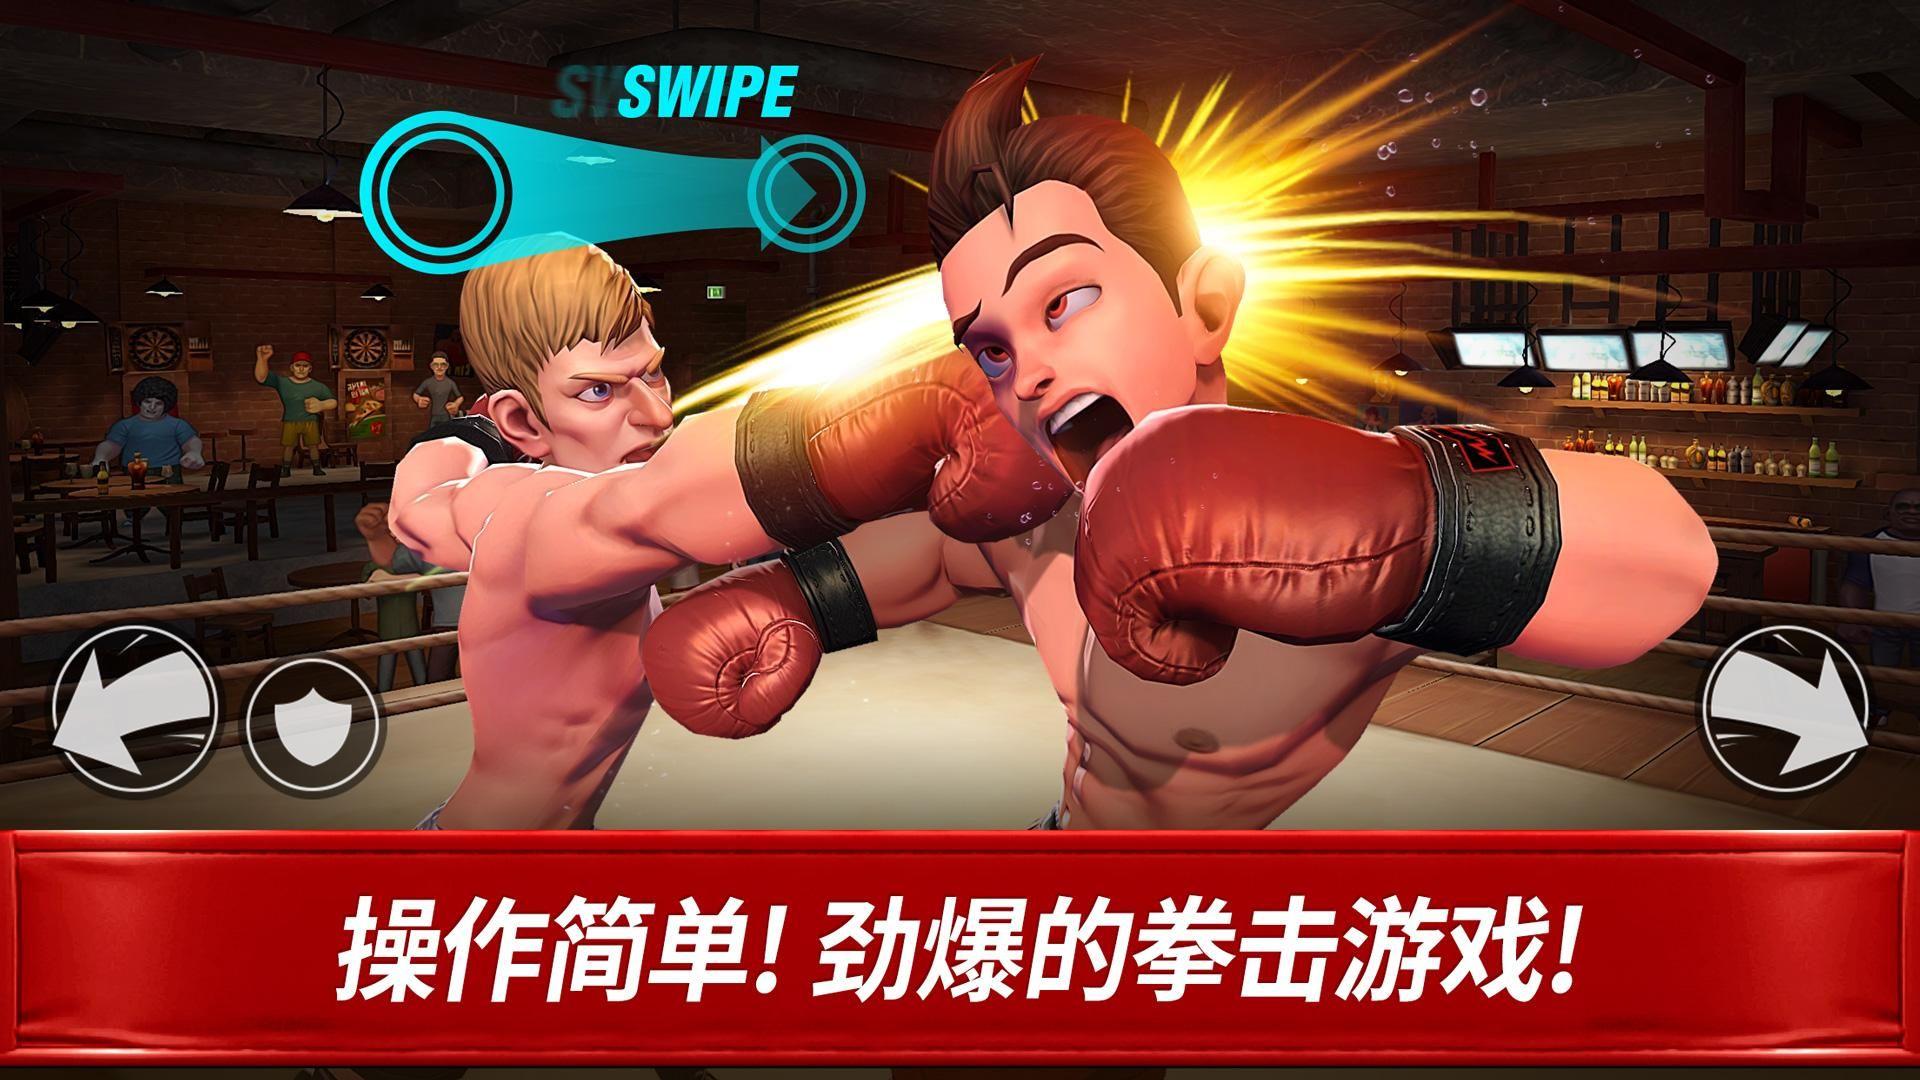 拳击之星 Boxing Star 游戏截图3